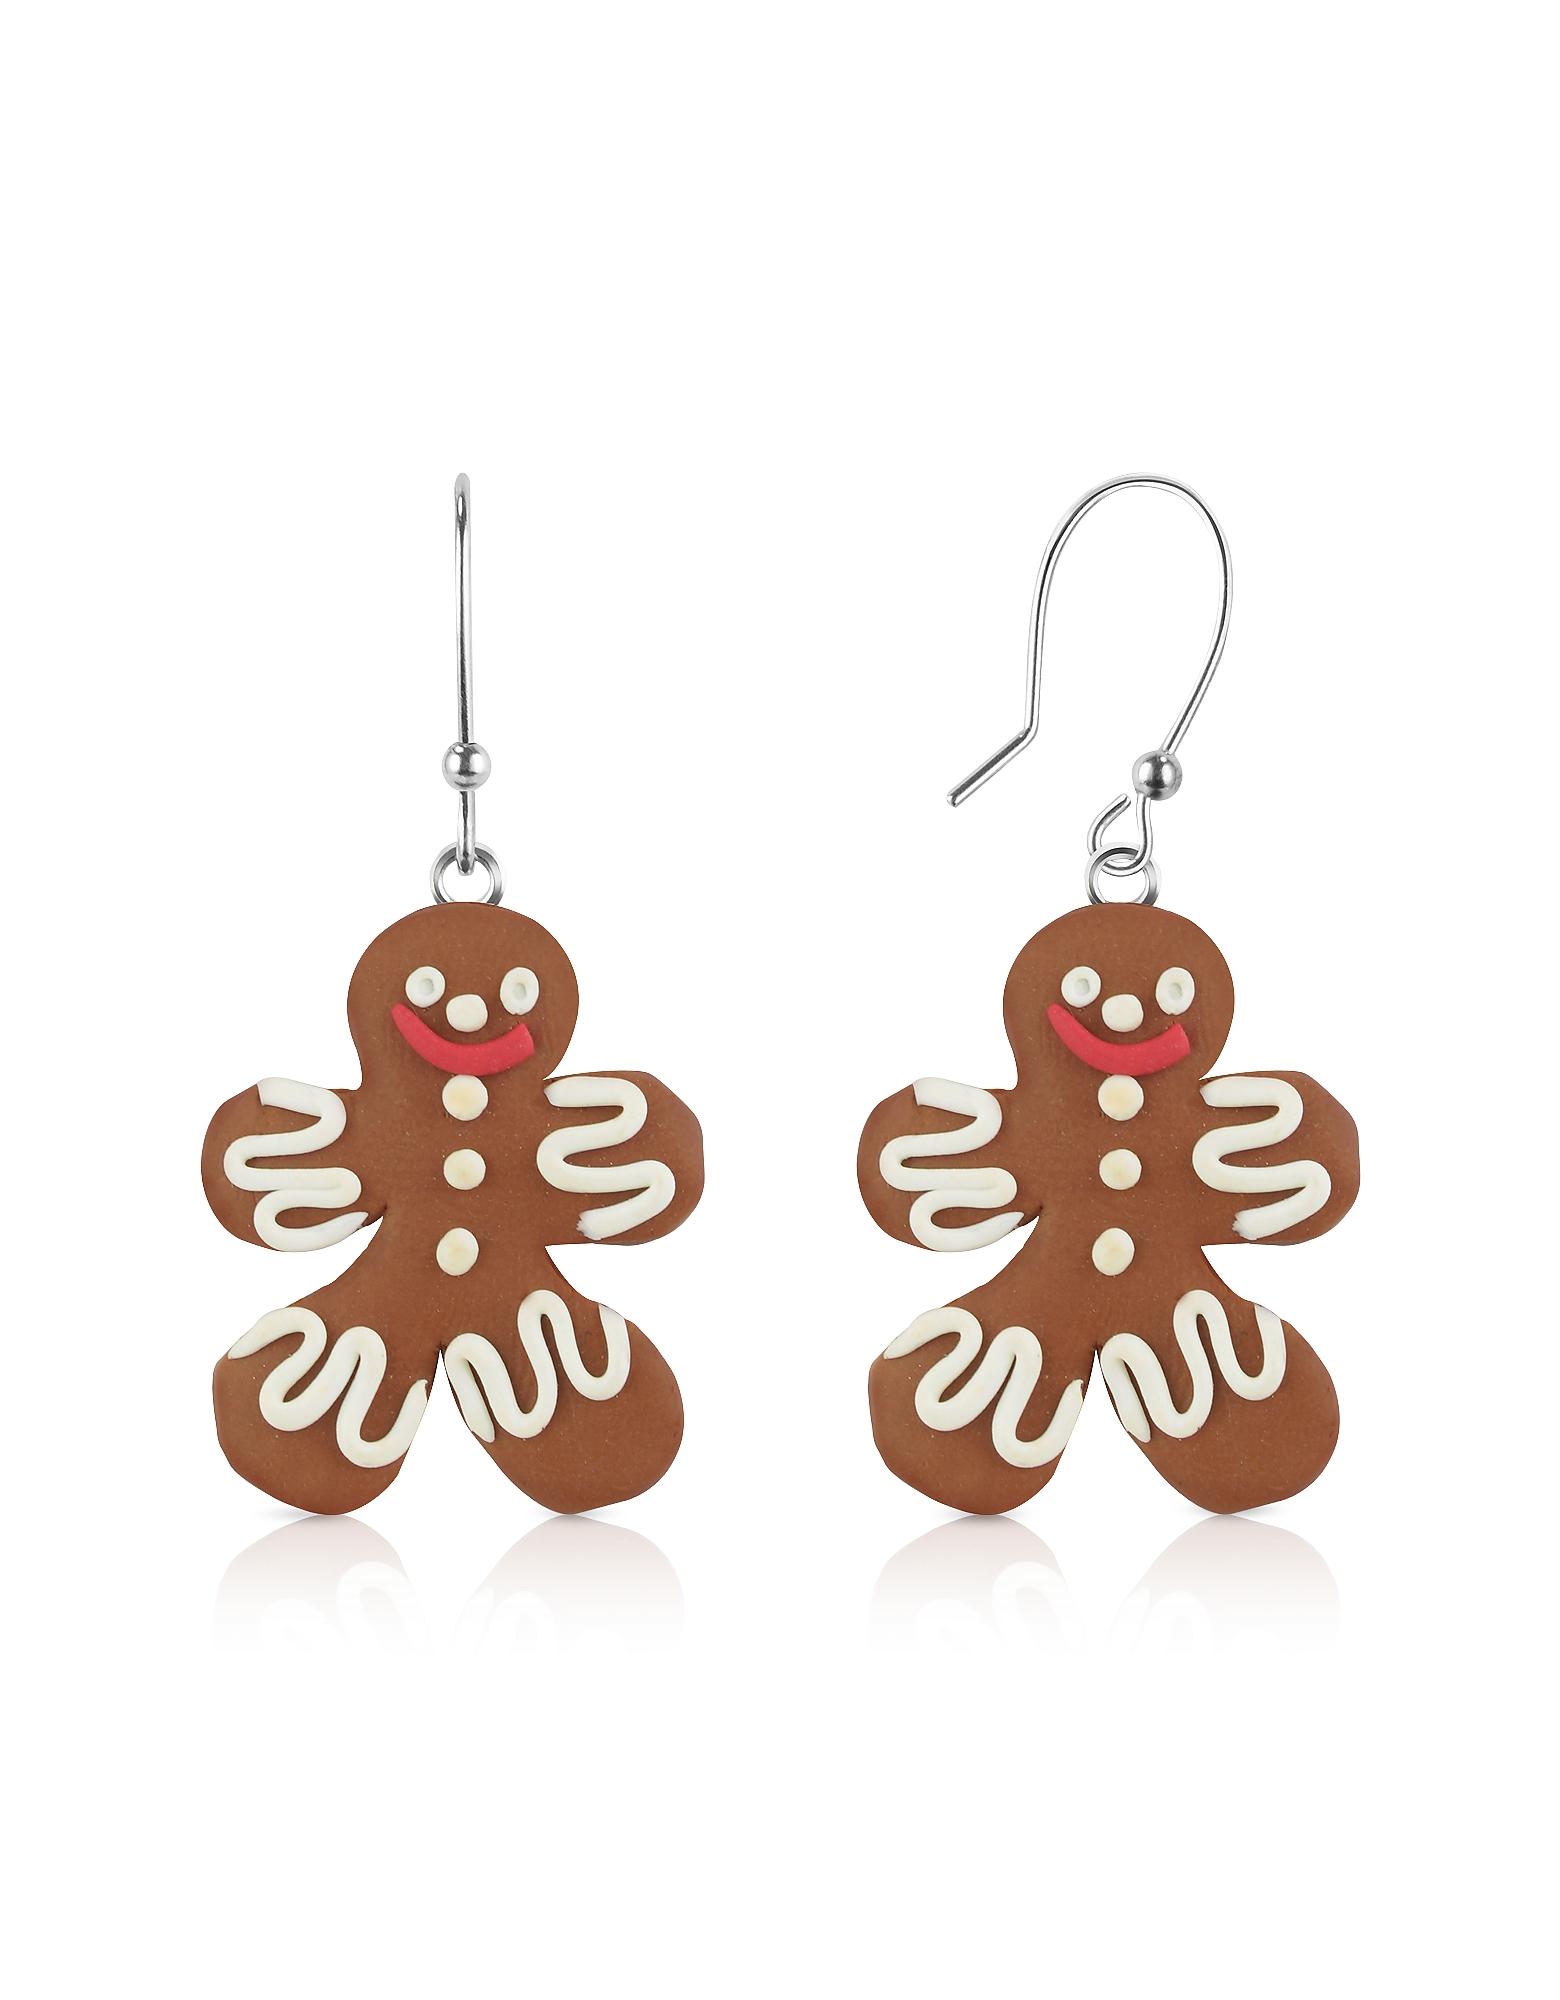 Gingerbread Man - Серьги из Японской Глины